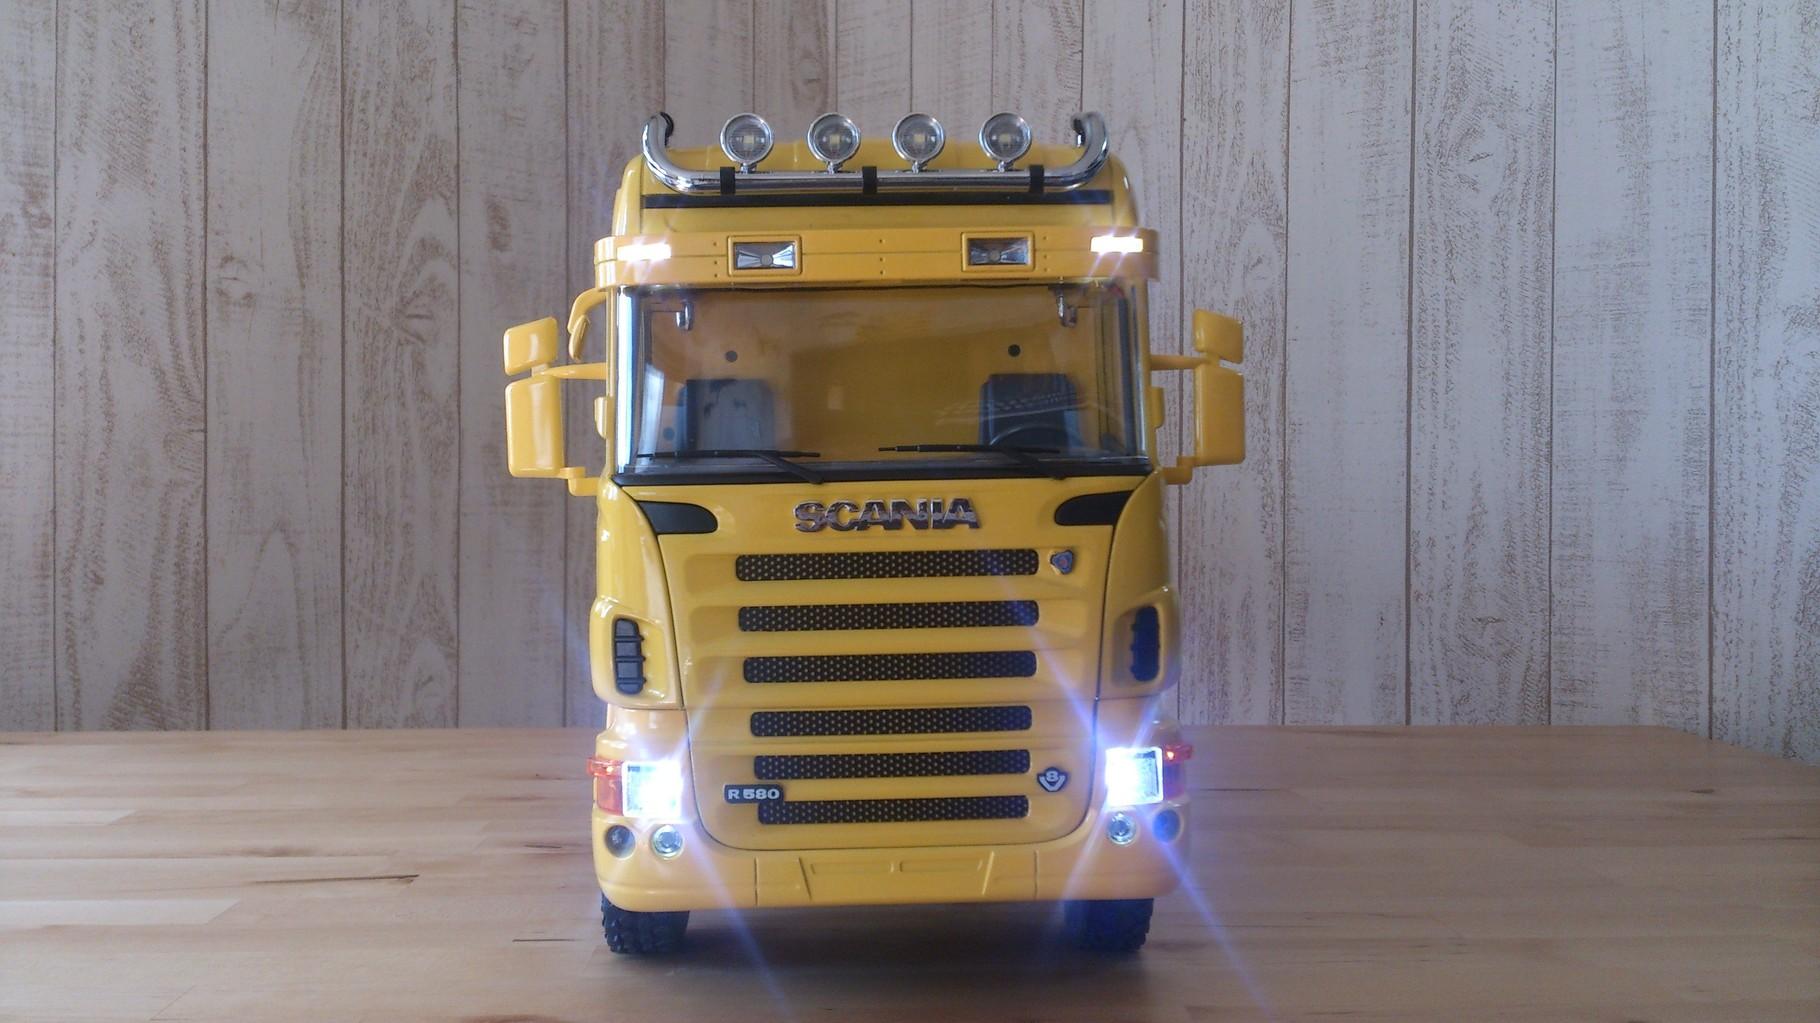 スカニア4軸3転ダンプトラック_サンブラインドのタウンライト、ロービーム、ハイビーム点灯